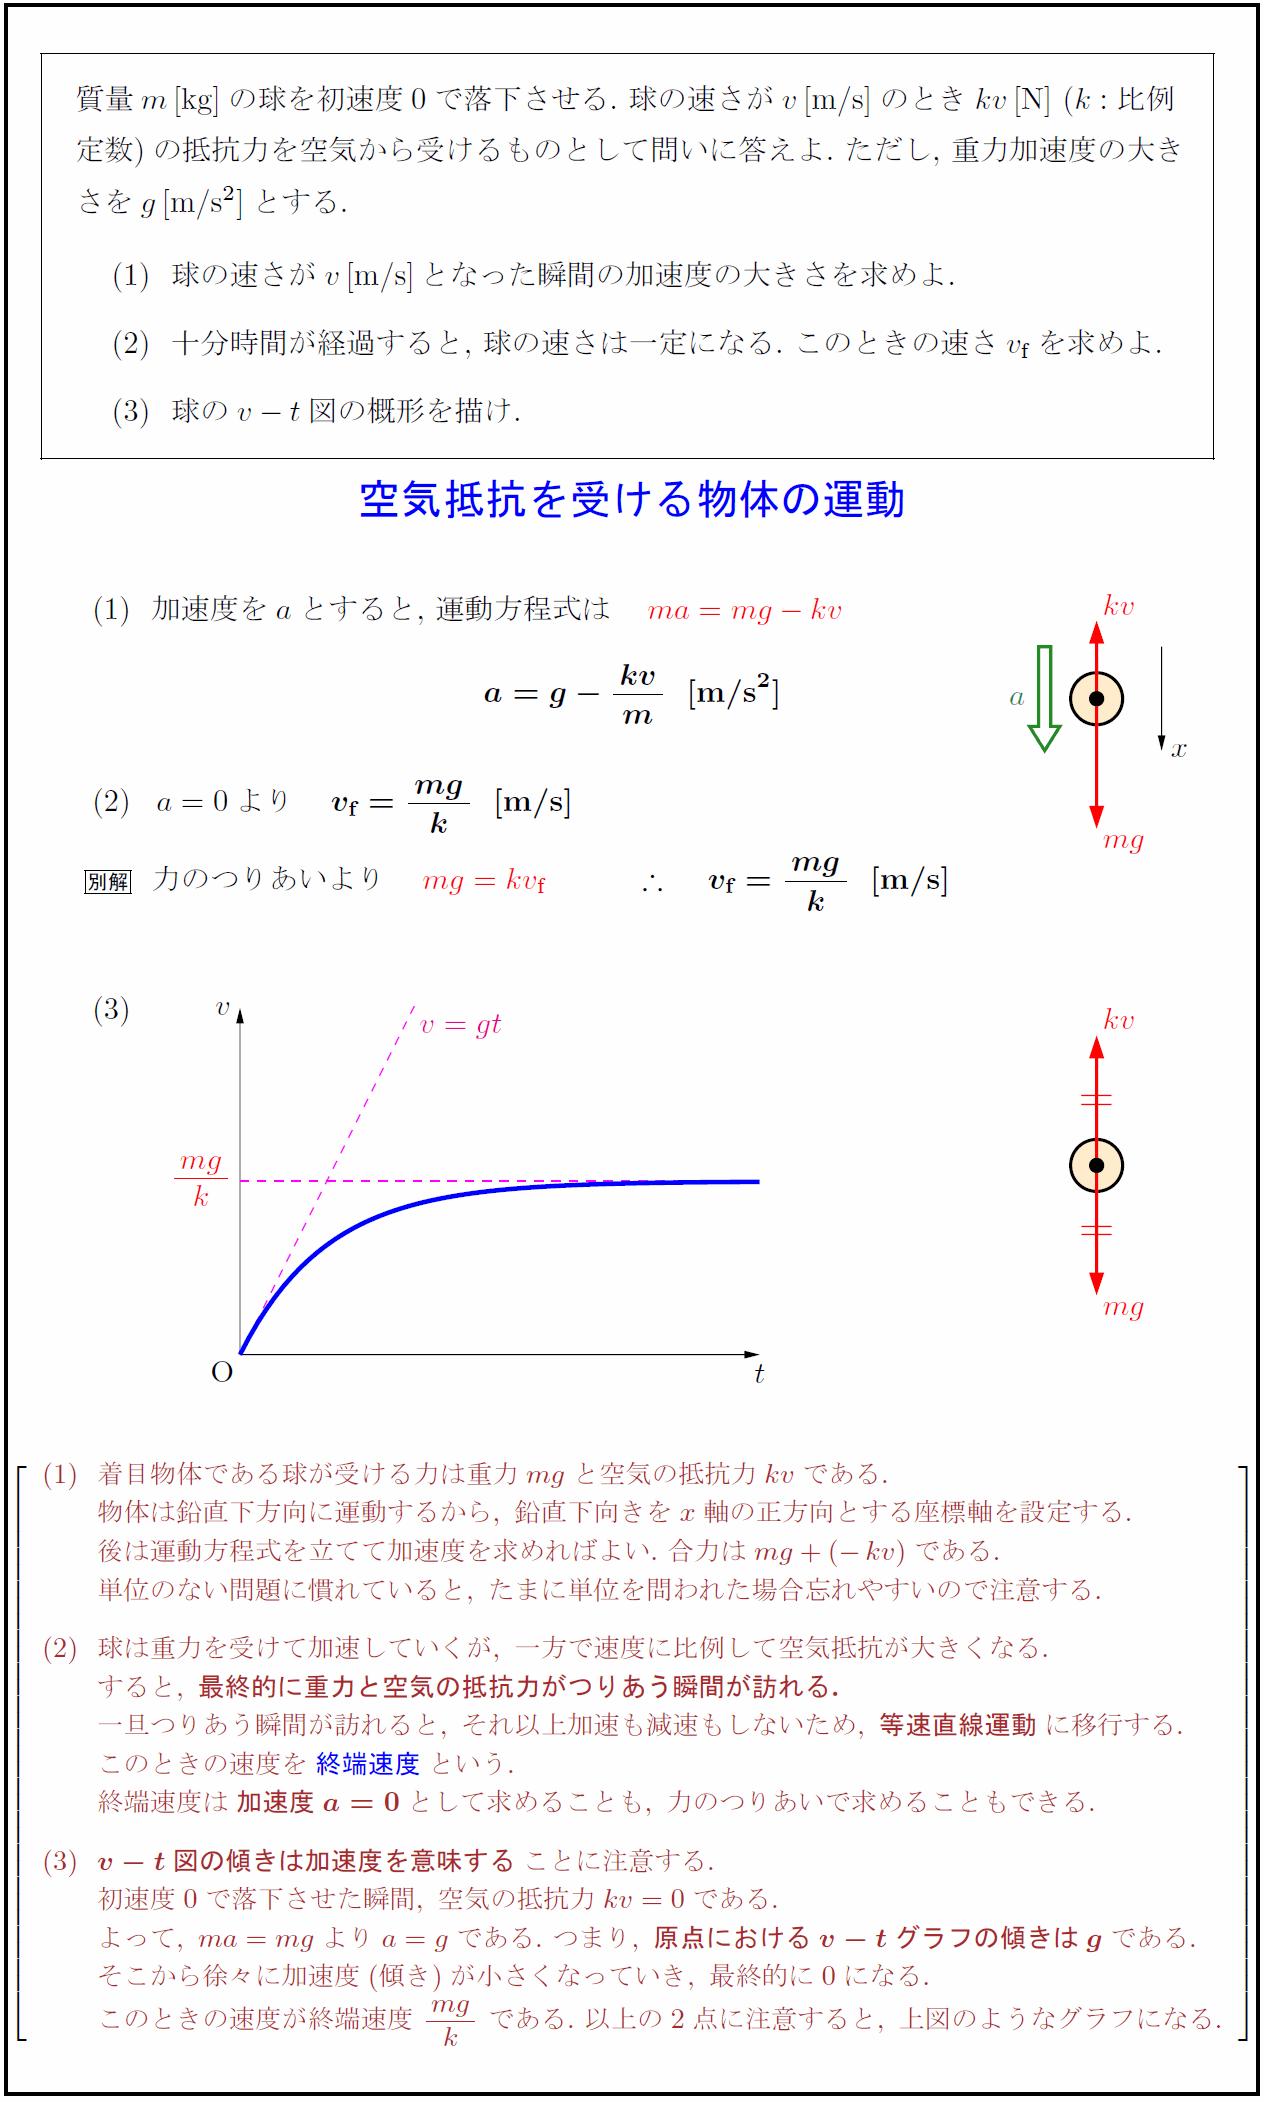 運動 グラフ 加速度 直線 等 等速度運動と等加速度運動